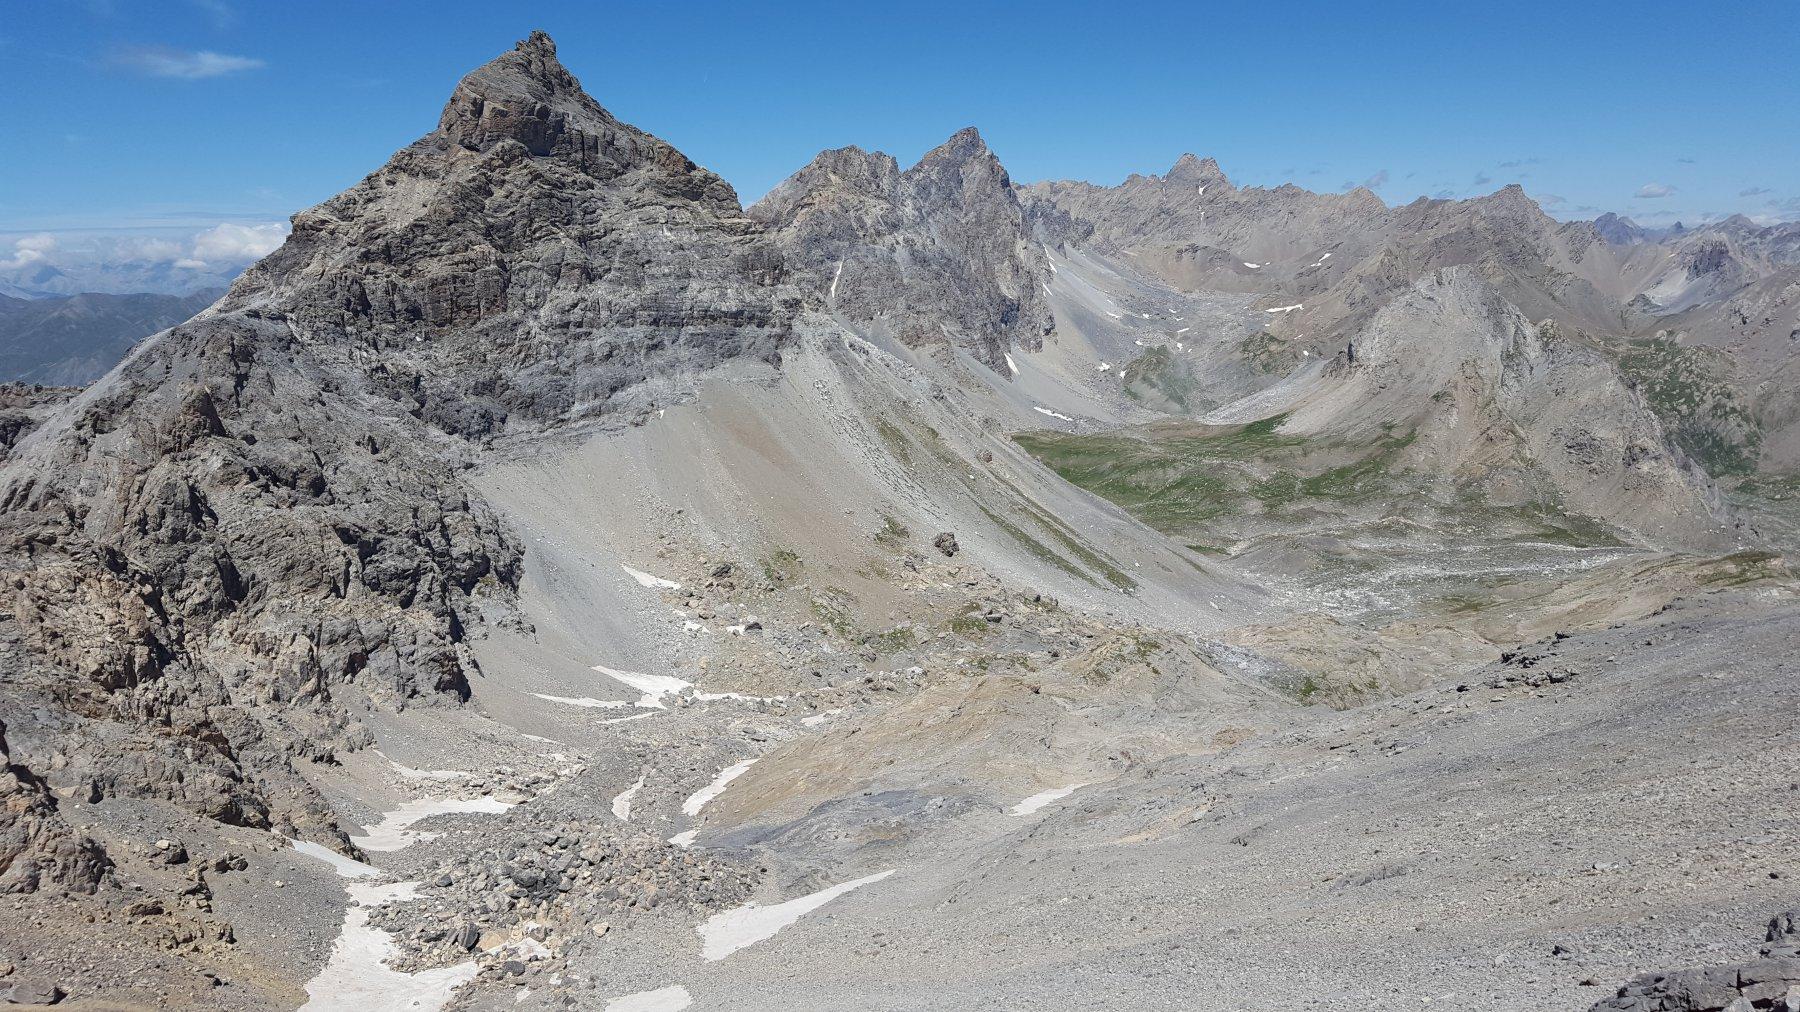 Rocca Blanca, Buc Nubiera, Brec de Chambeyron, Aiguille de Chambeyron